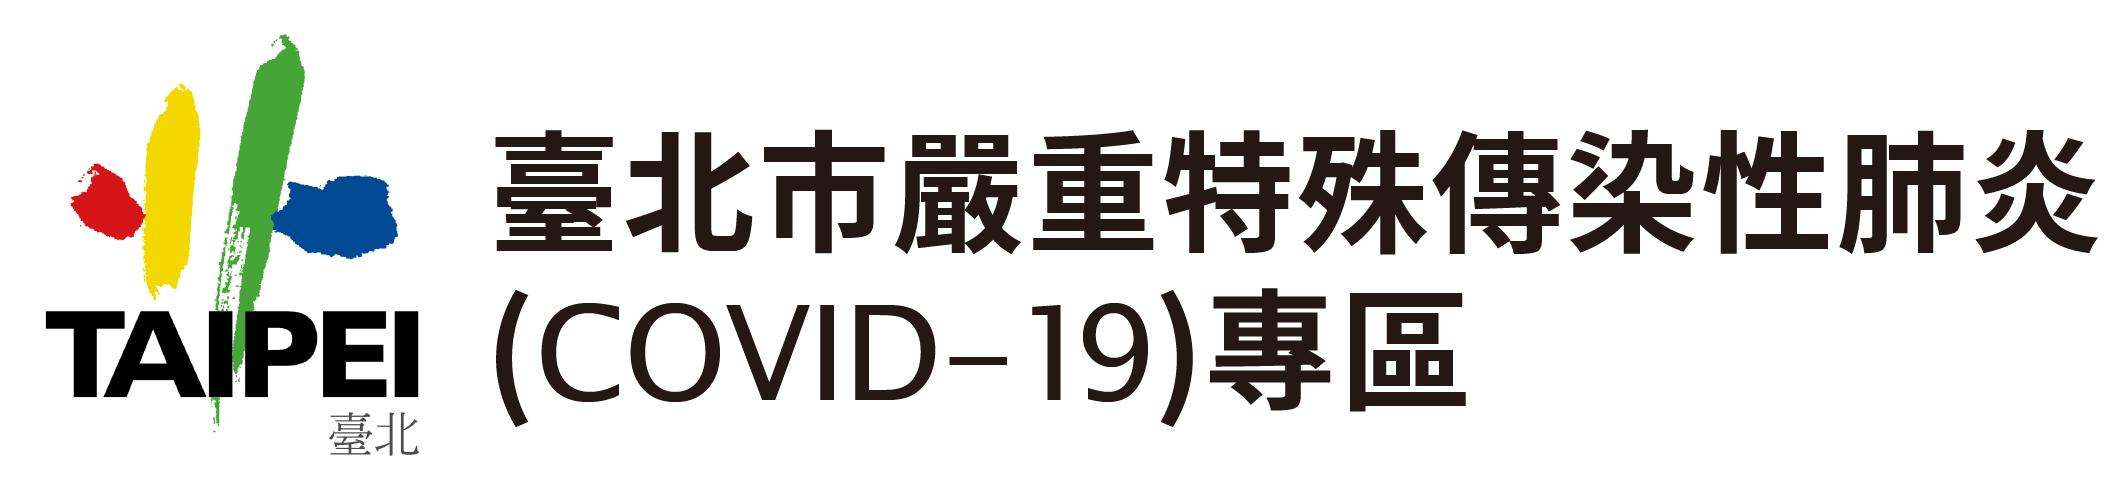 臺北市政府嚴重特殊傳染性肺炎專區(另開新視窗)